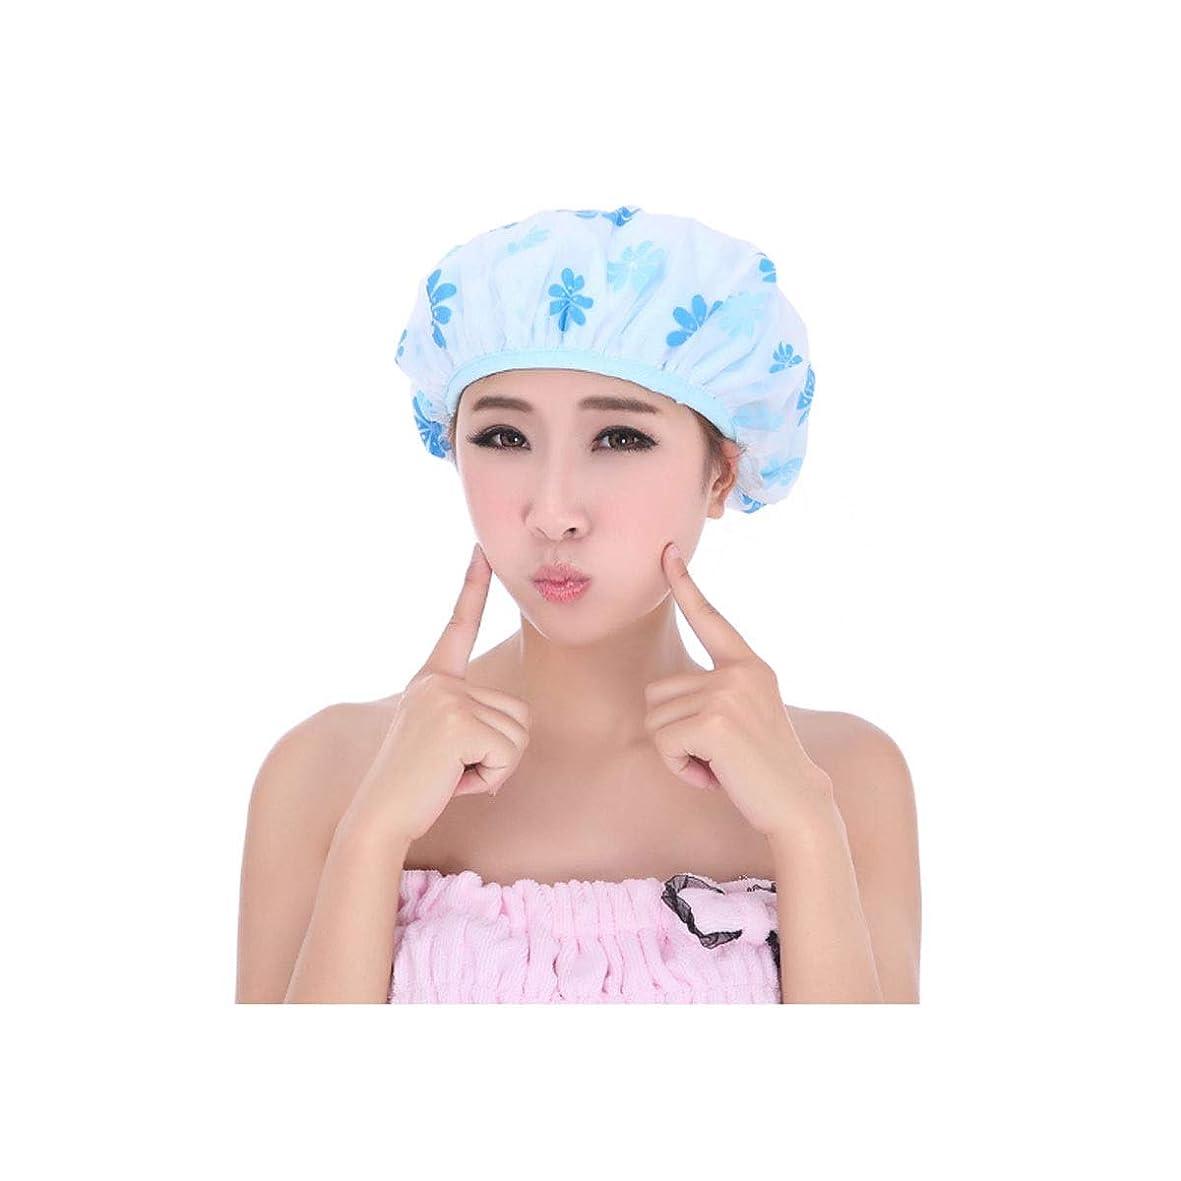 情熱的証人コンソールXIONGHAIZI シャワーキャップ、シャワーキャップ防水シャワーキャップ、成人女性のシャワーキャップ、スリーインワン拡大シャワーキャップ、二層オイルキャップ、ヘアマスクシャワーキャップ、高品質、ブルー、ピンク、 (Color : Blue)